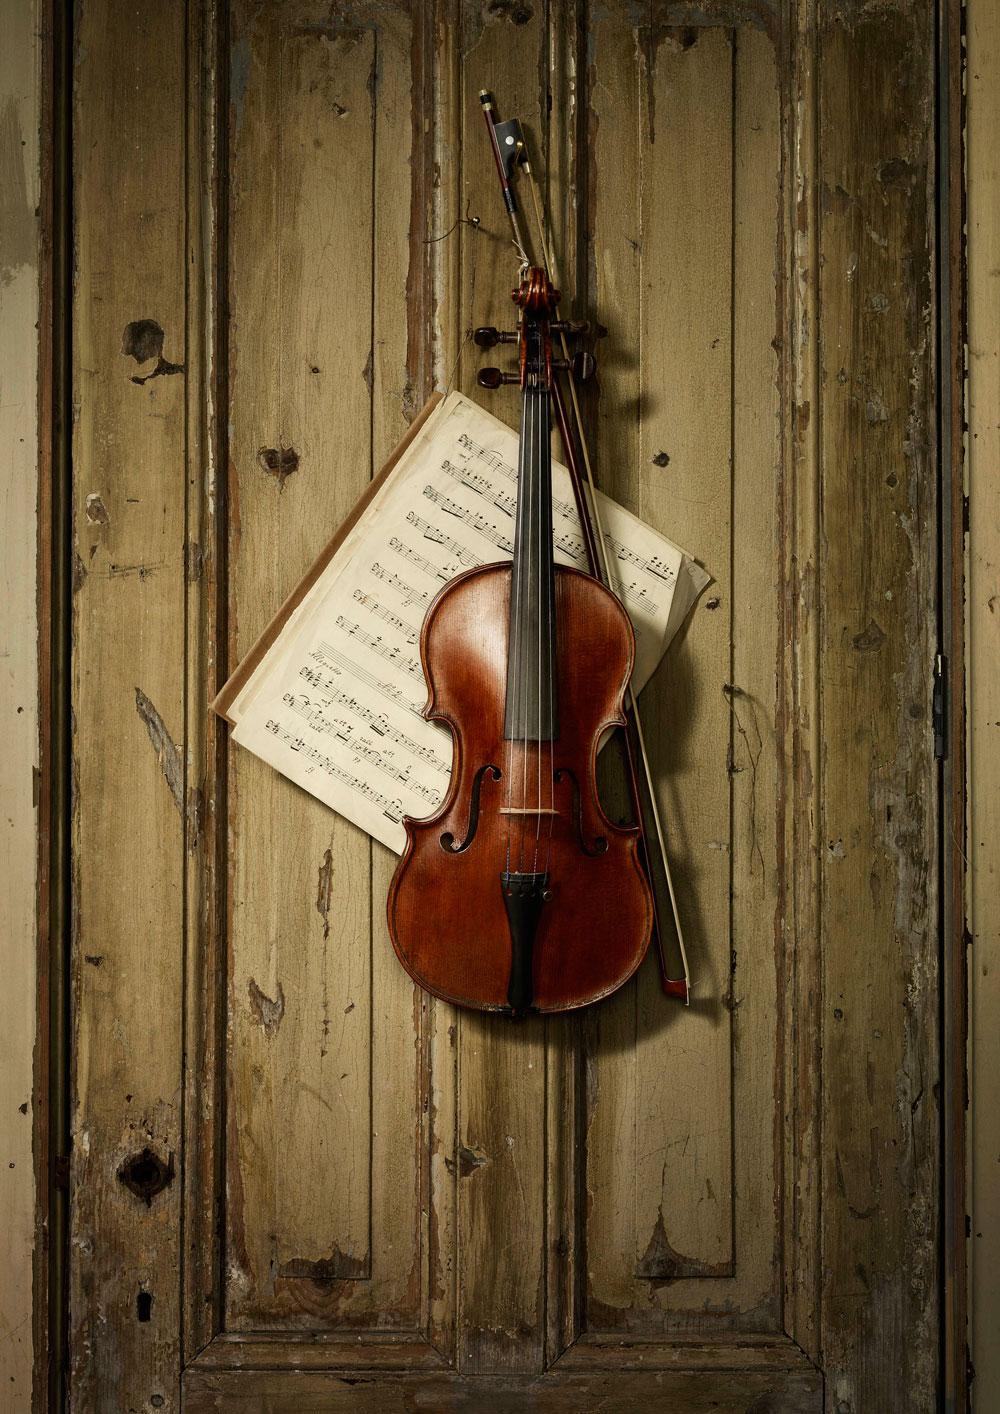 BSI_Old-Violin